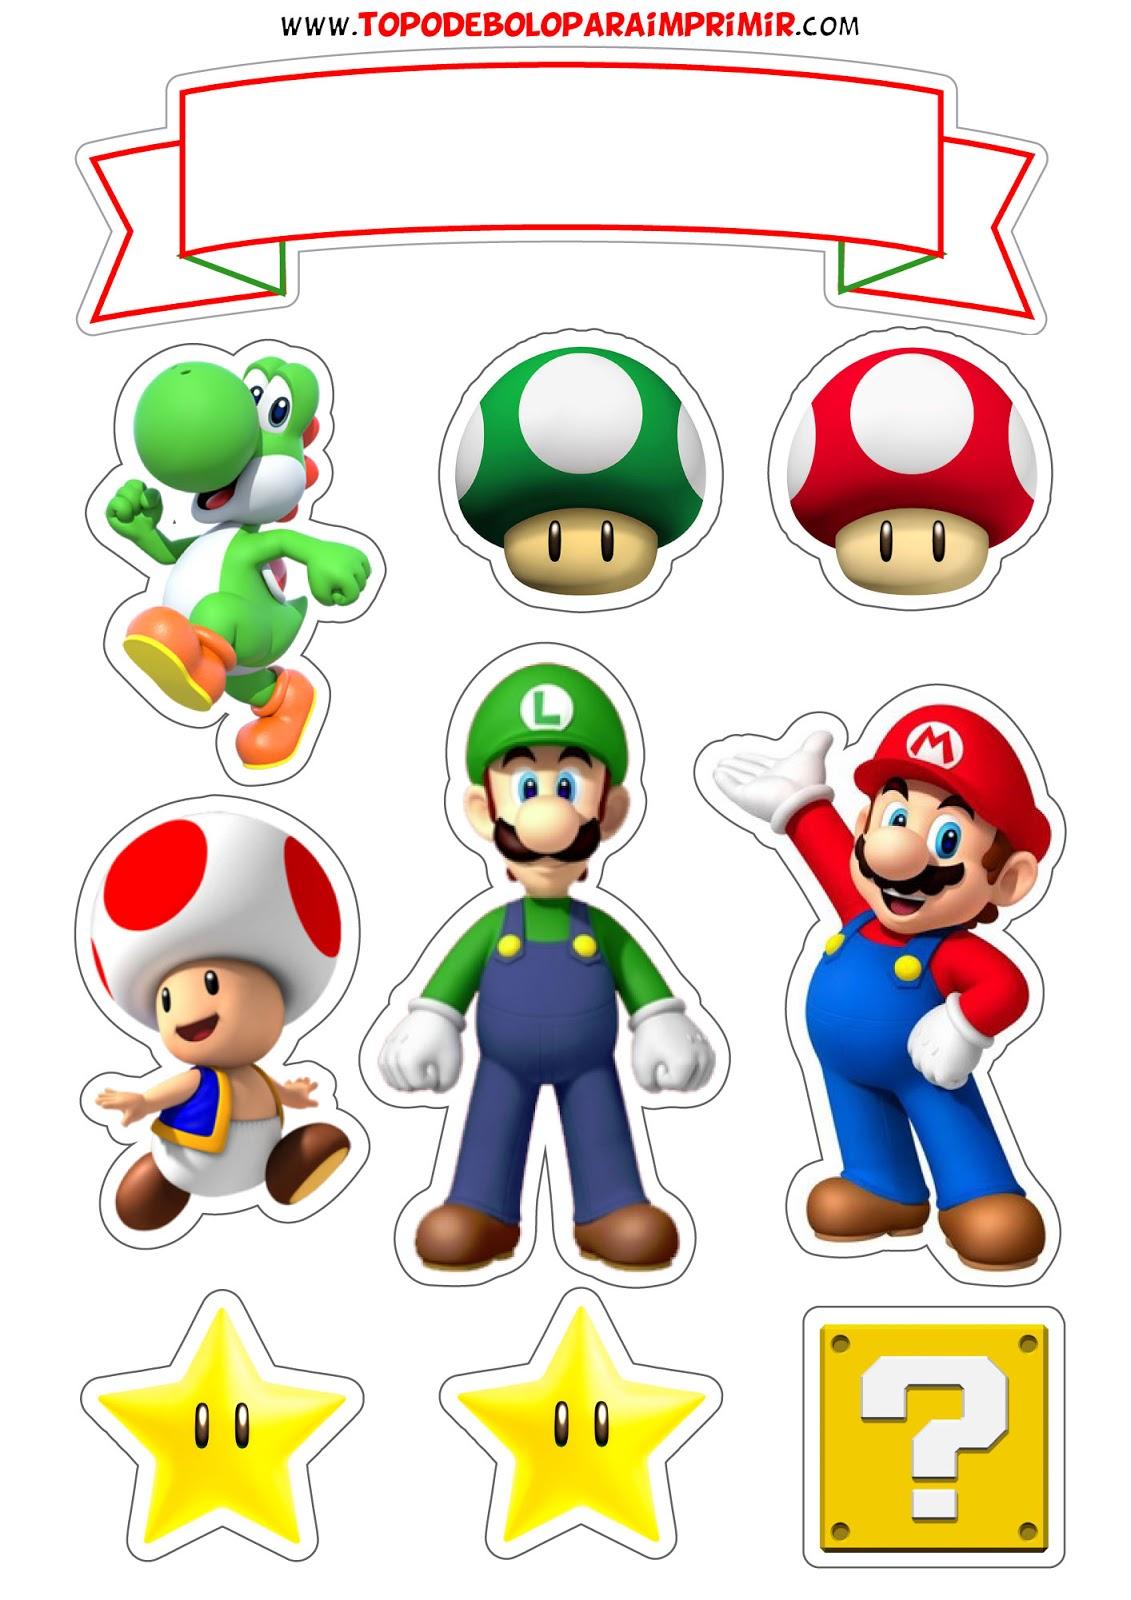 Topo De Bolo Super Mario Para Imprimir Topper De Bolo Para Imprimir